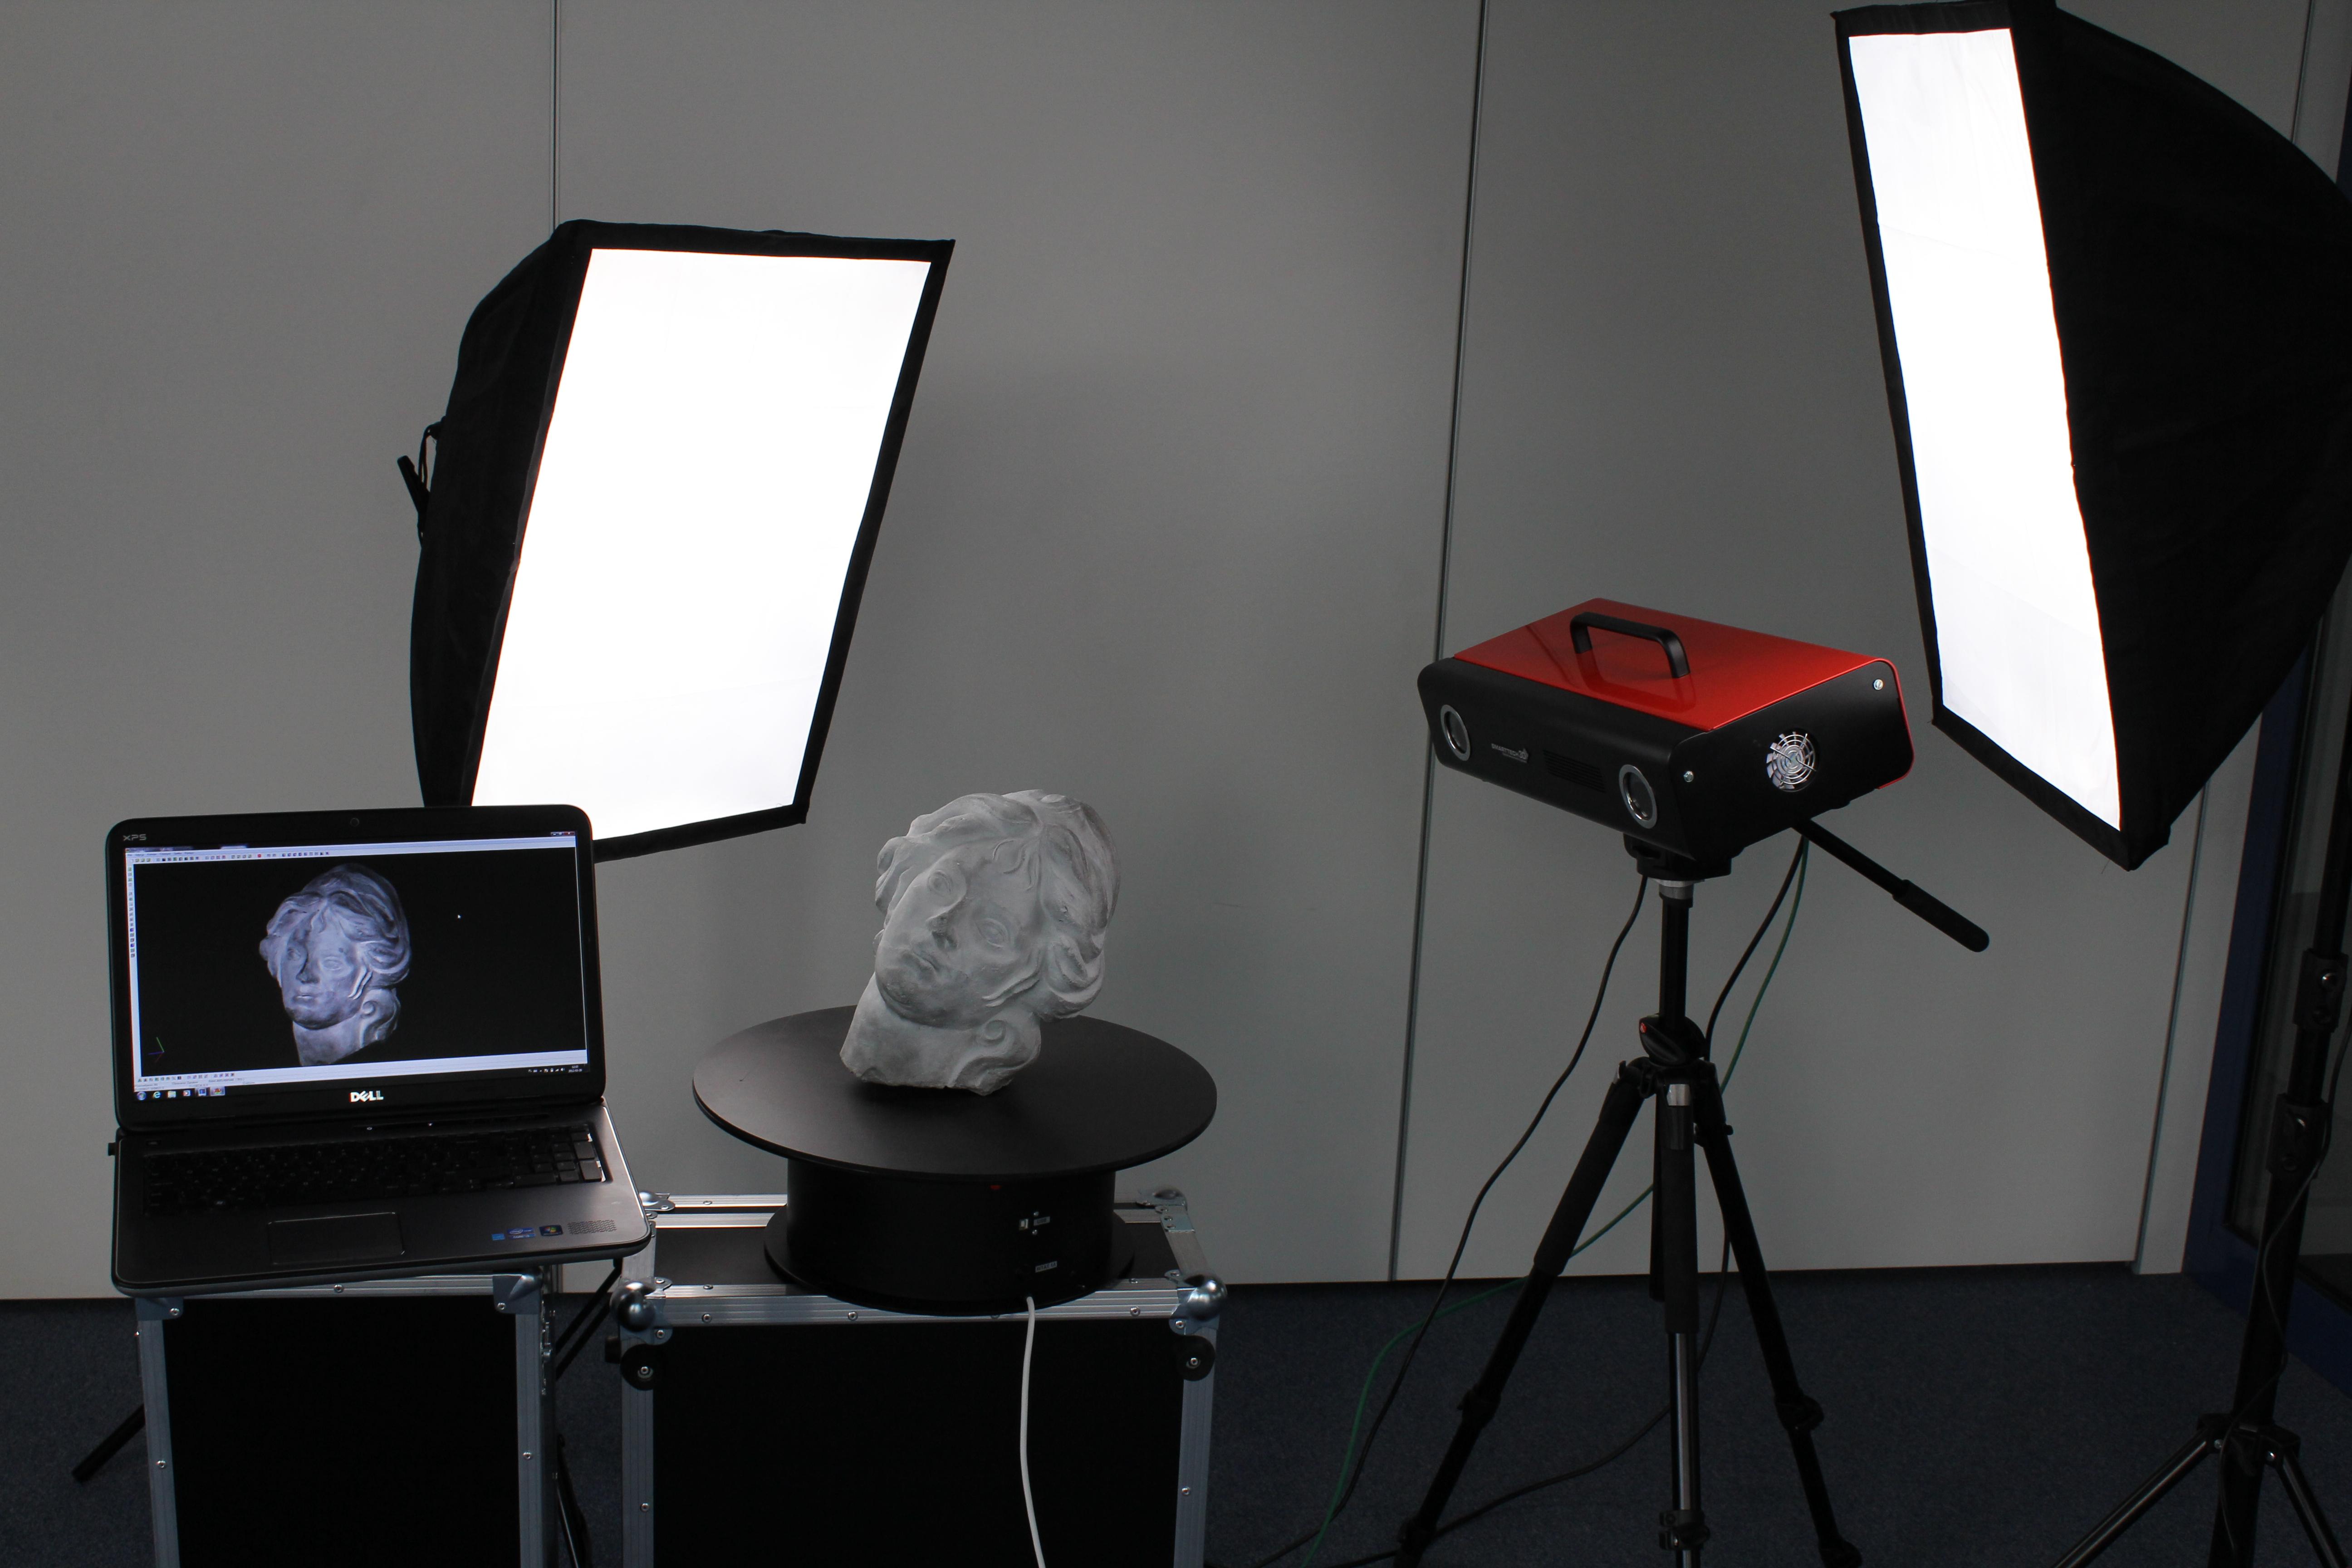 Digitalizacja i archiwizacja 3D obiektu historycznego